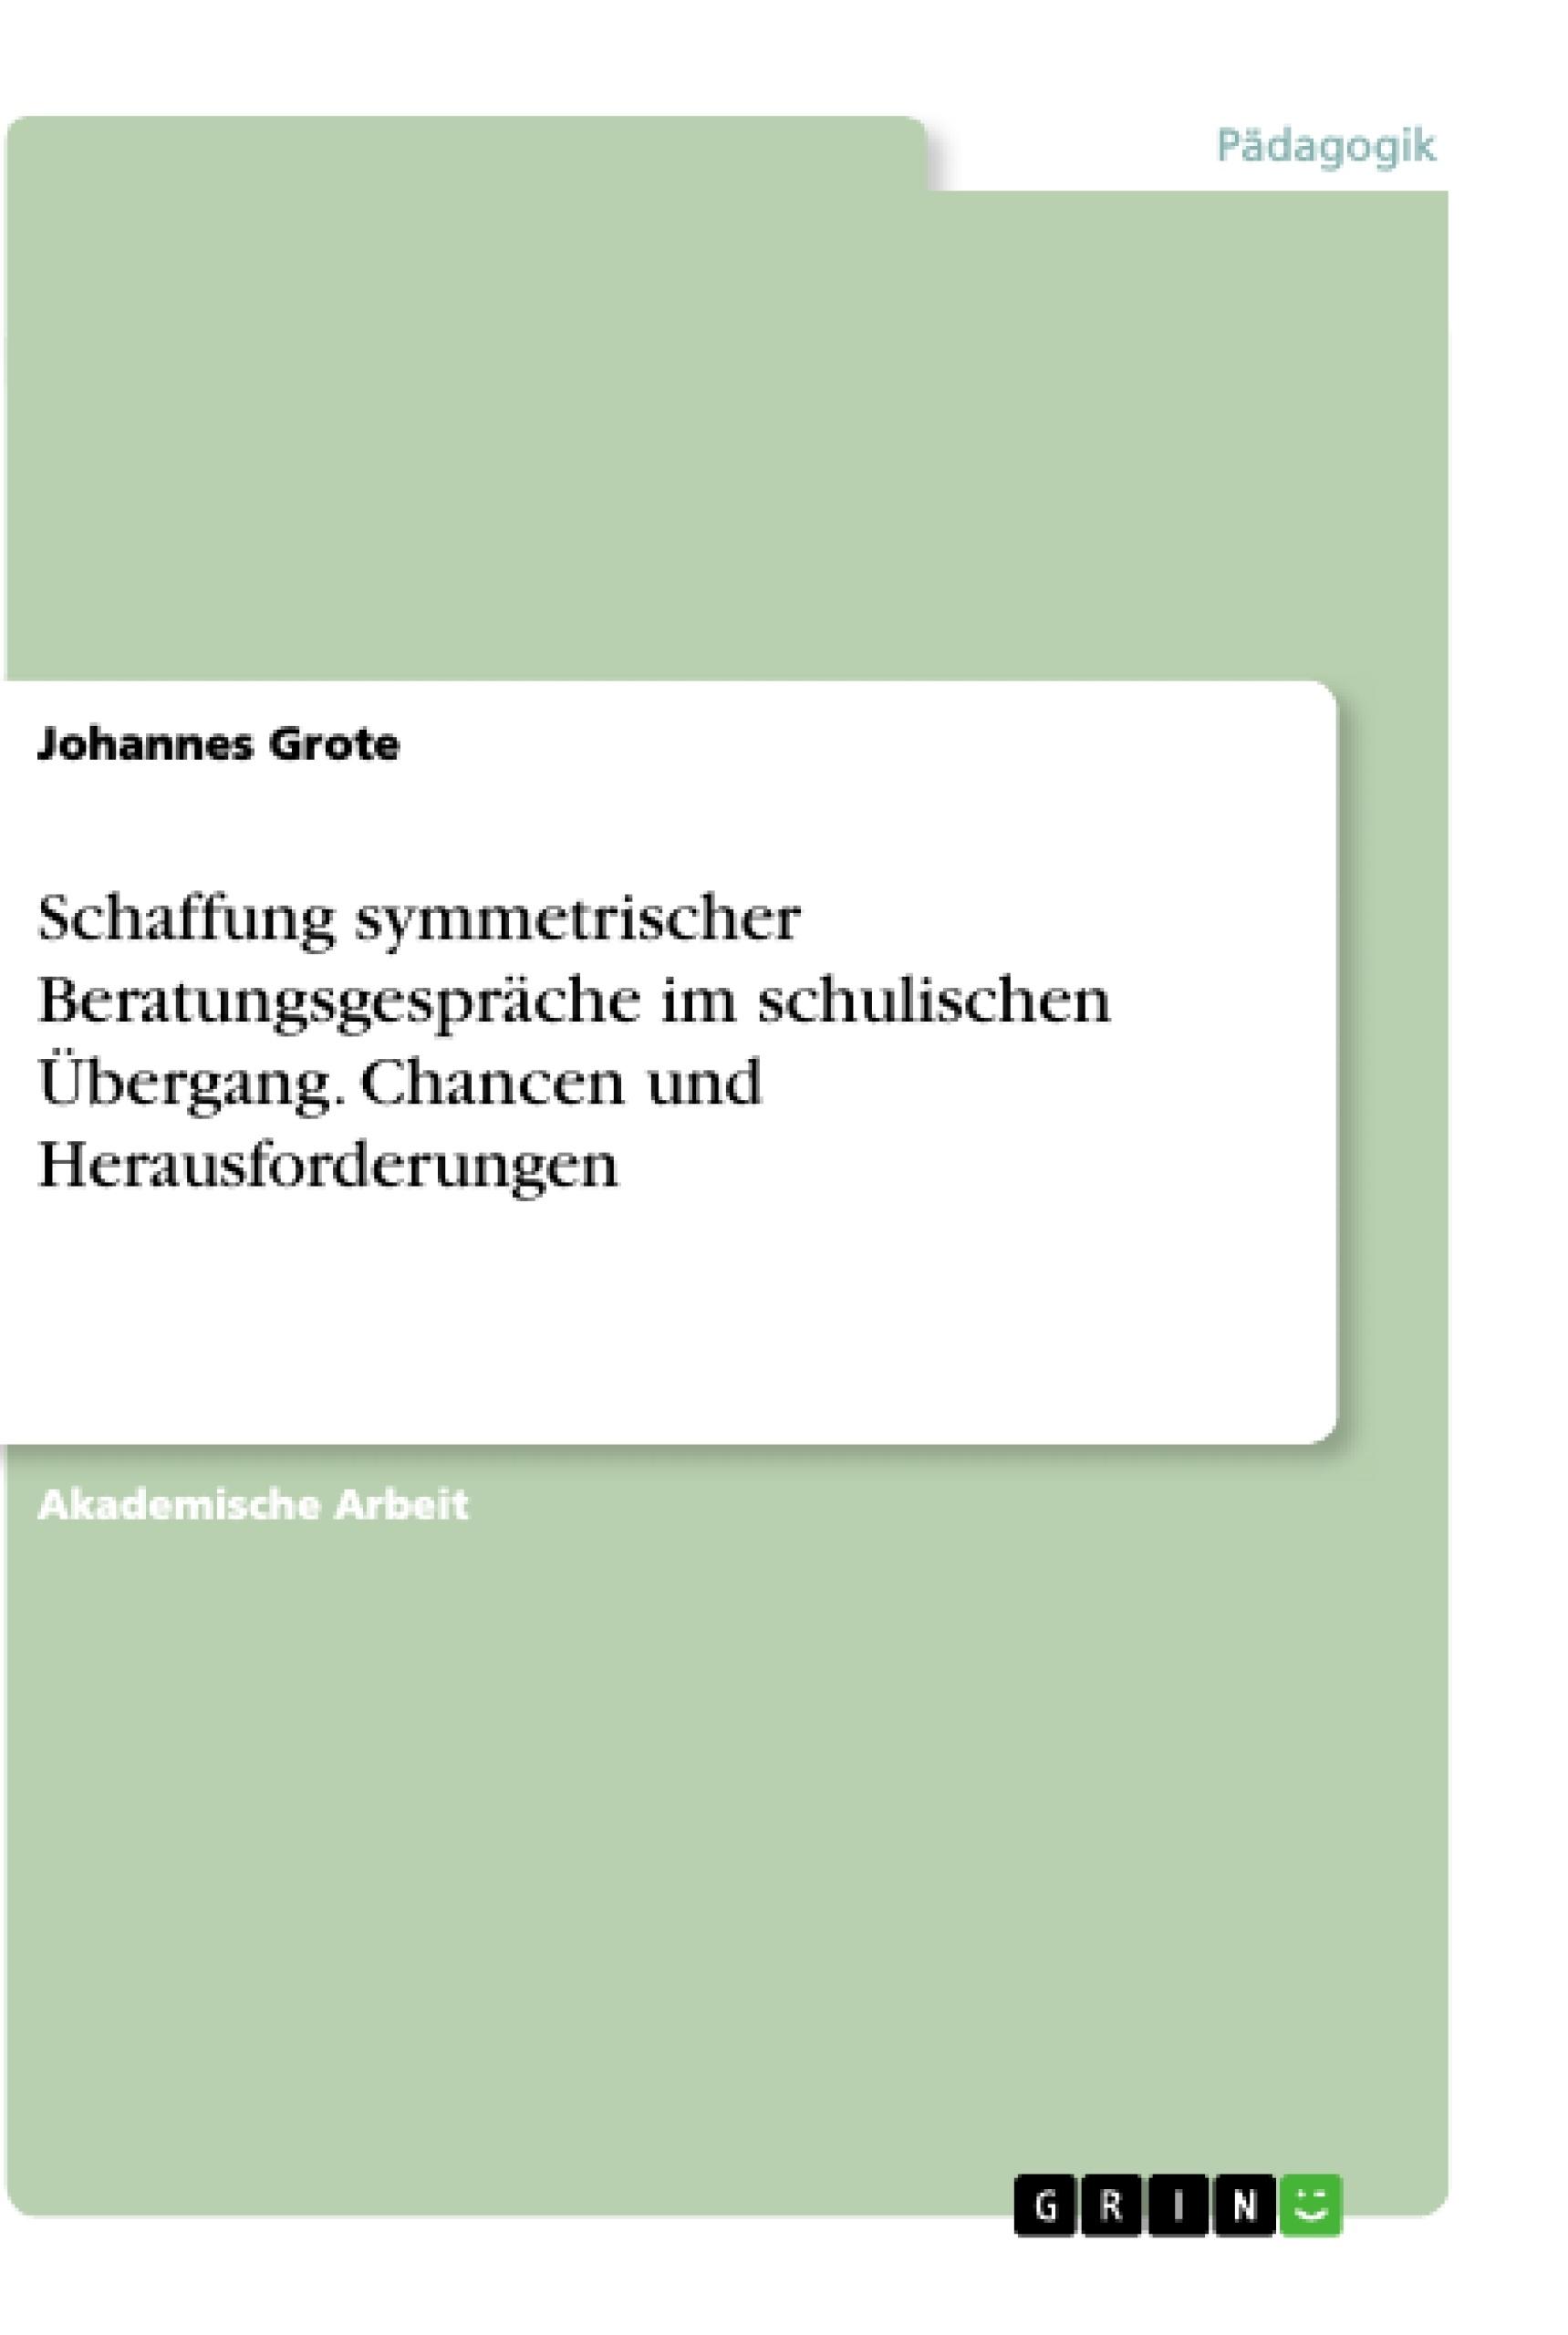 Titel: Schaffung symmetrischer Beratungsgespräche im schulischen Übergang. Chancen und Herausforderungen